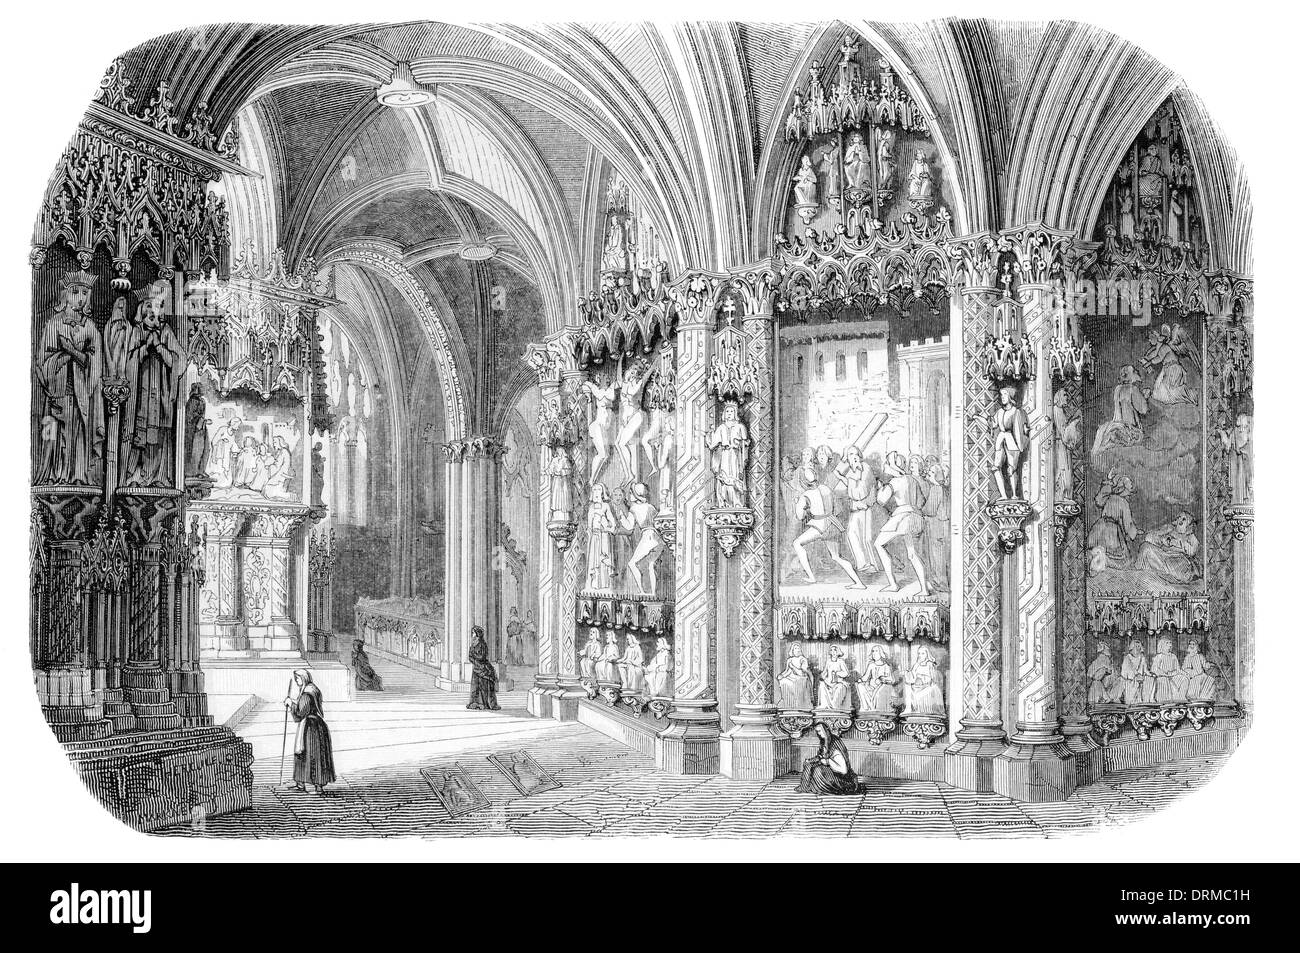 Interior Burgos Cathedral Catedral de Burgos a Gothic-style Roman ...